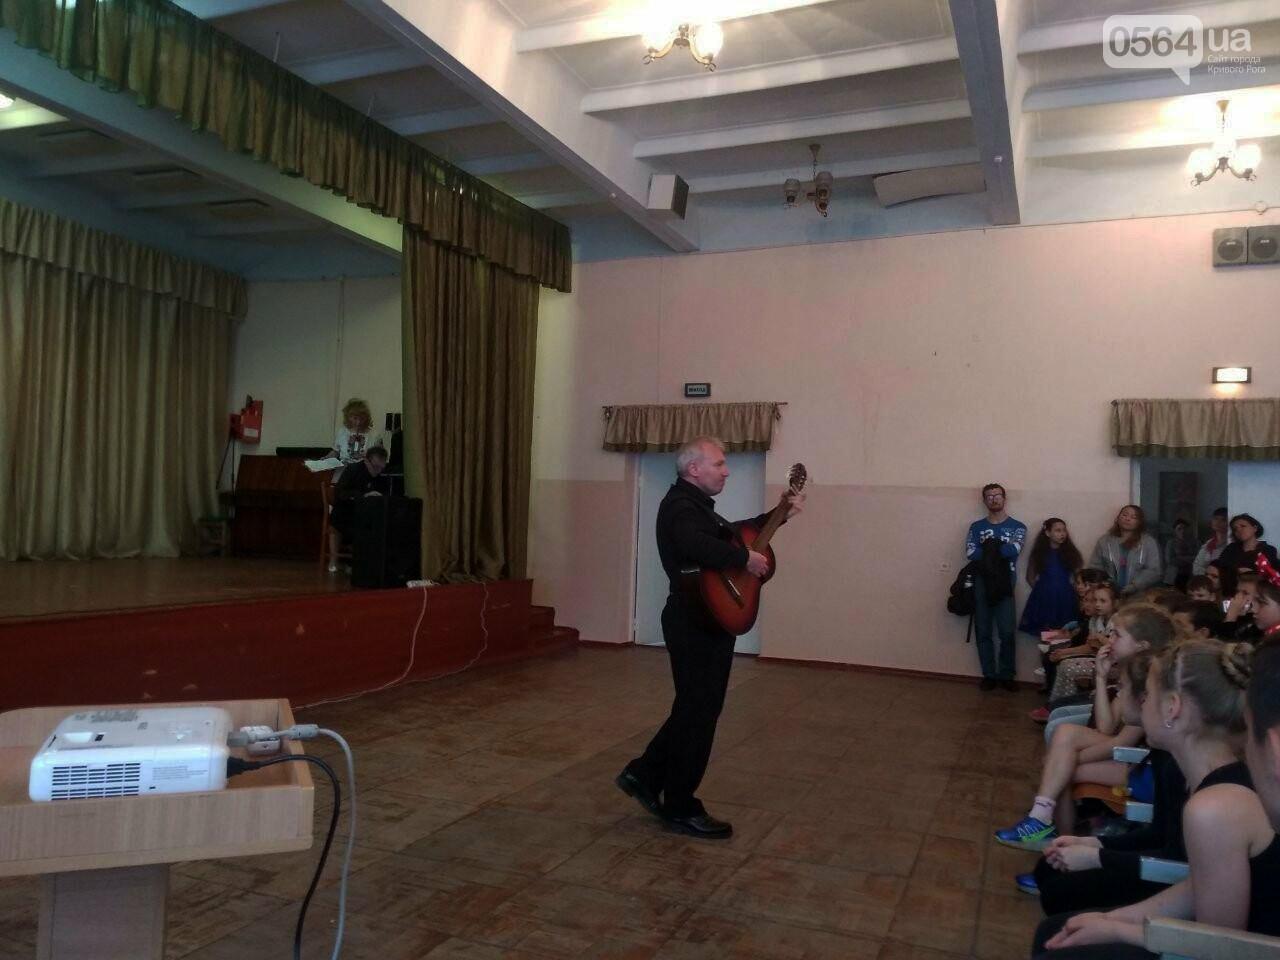 Криворожские школьники провели благотворительный концерт в поддержку бойцов АТО (ФОТО), фото-3